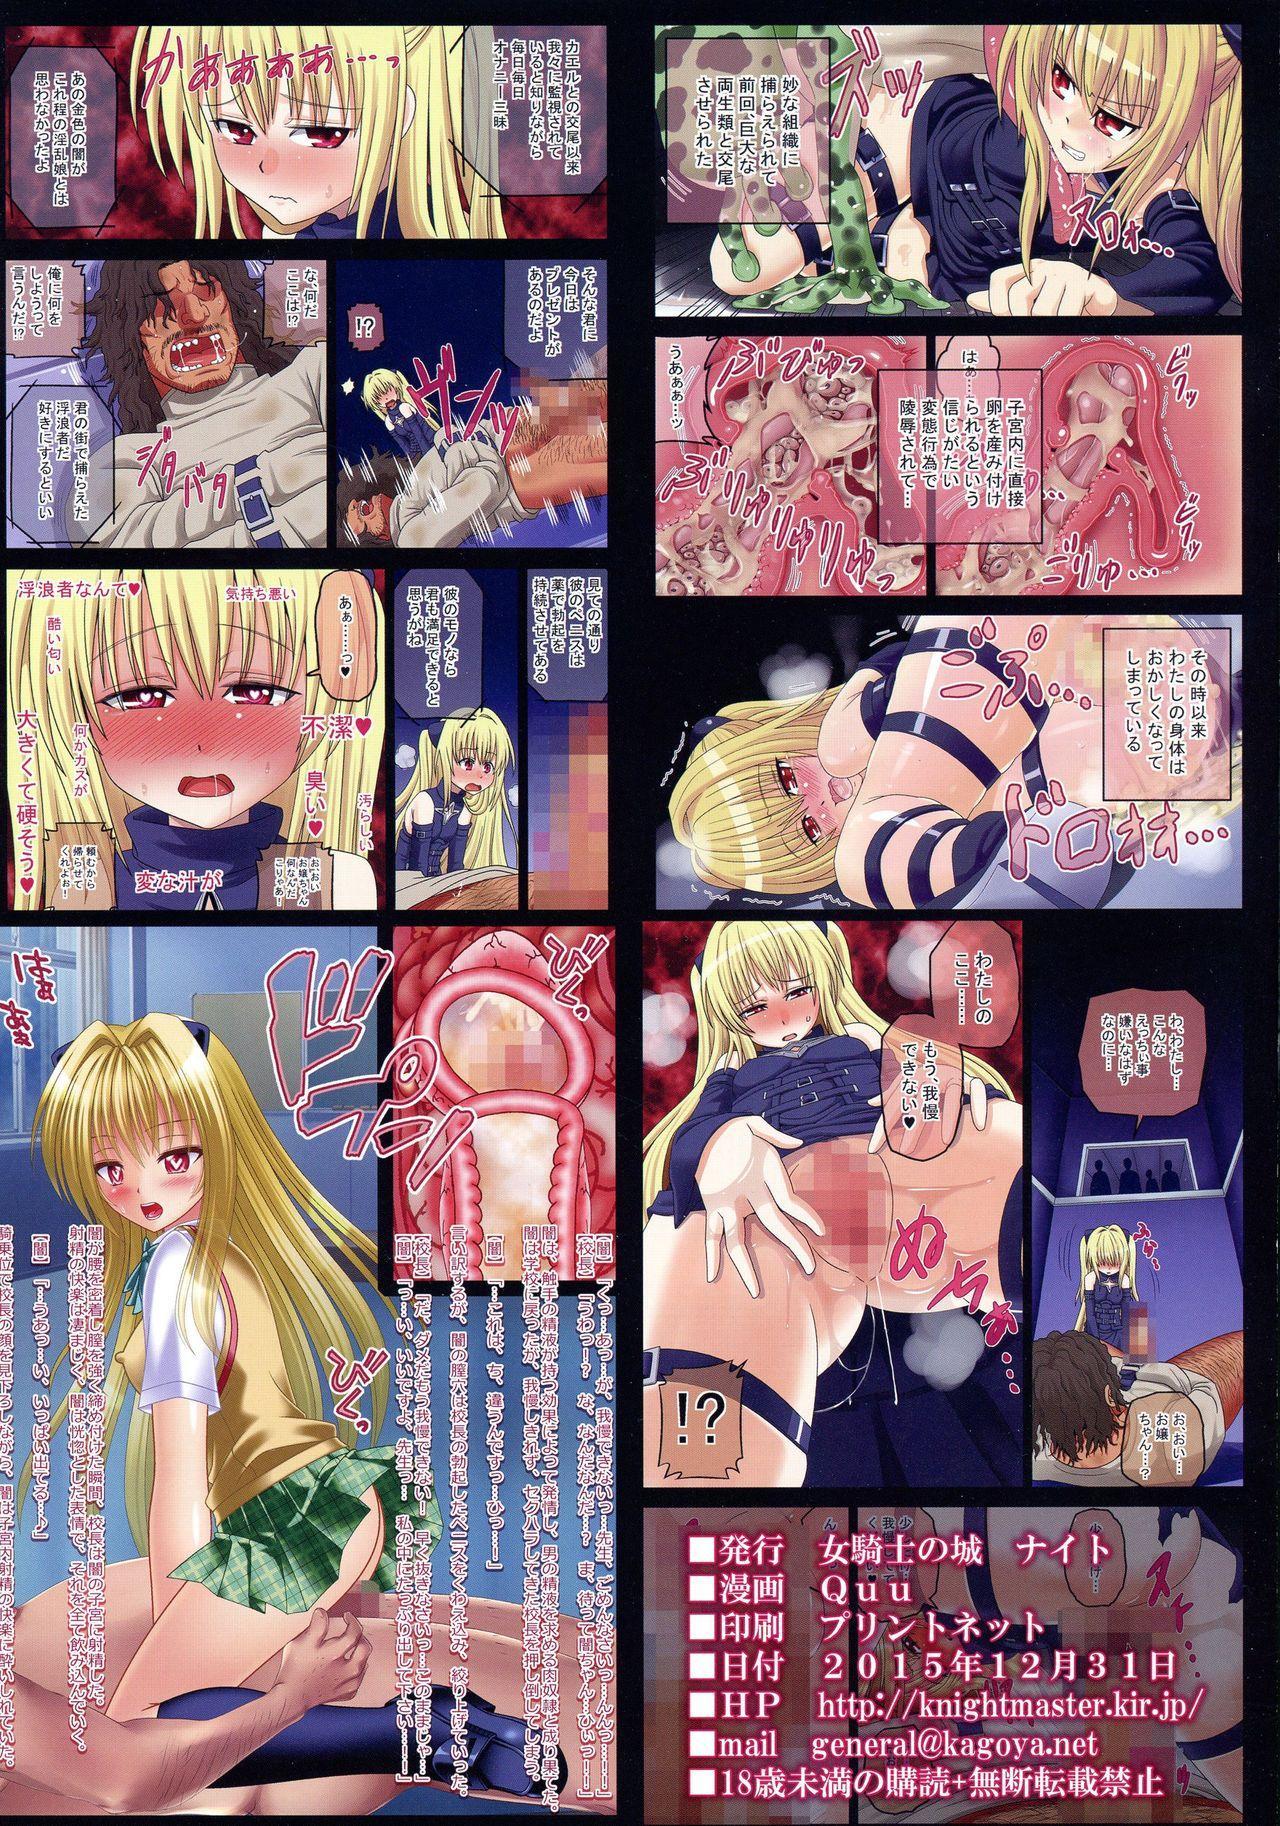 Gyaku Rape Konjiki no Yami 1